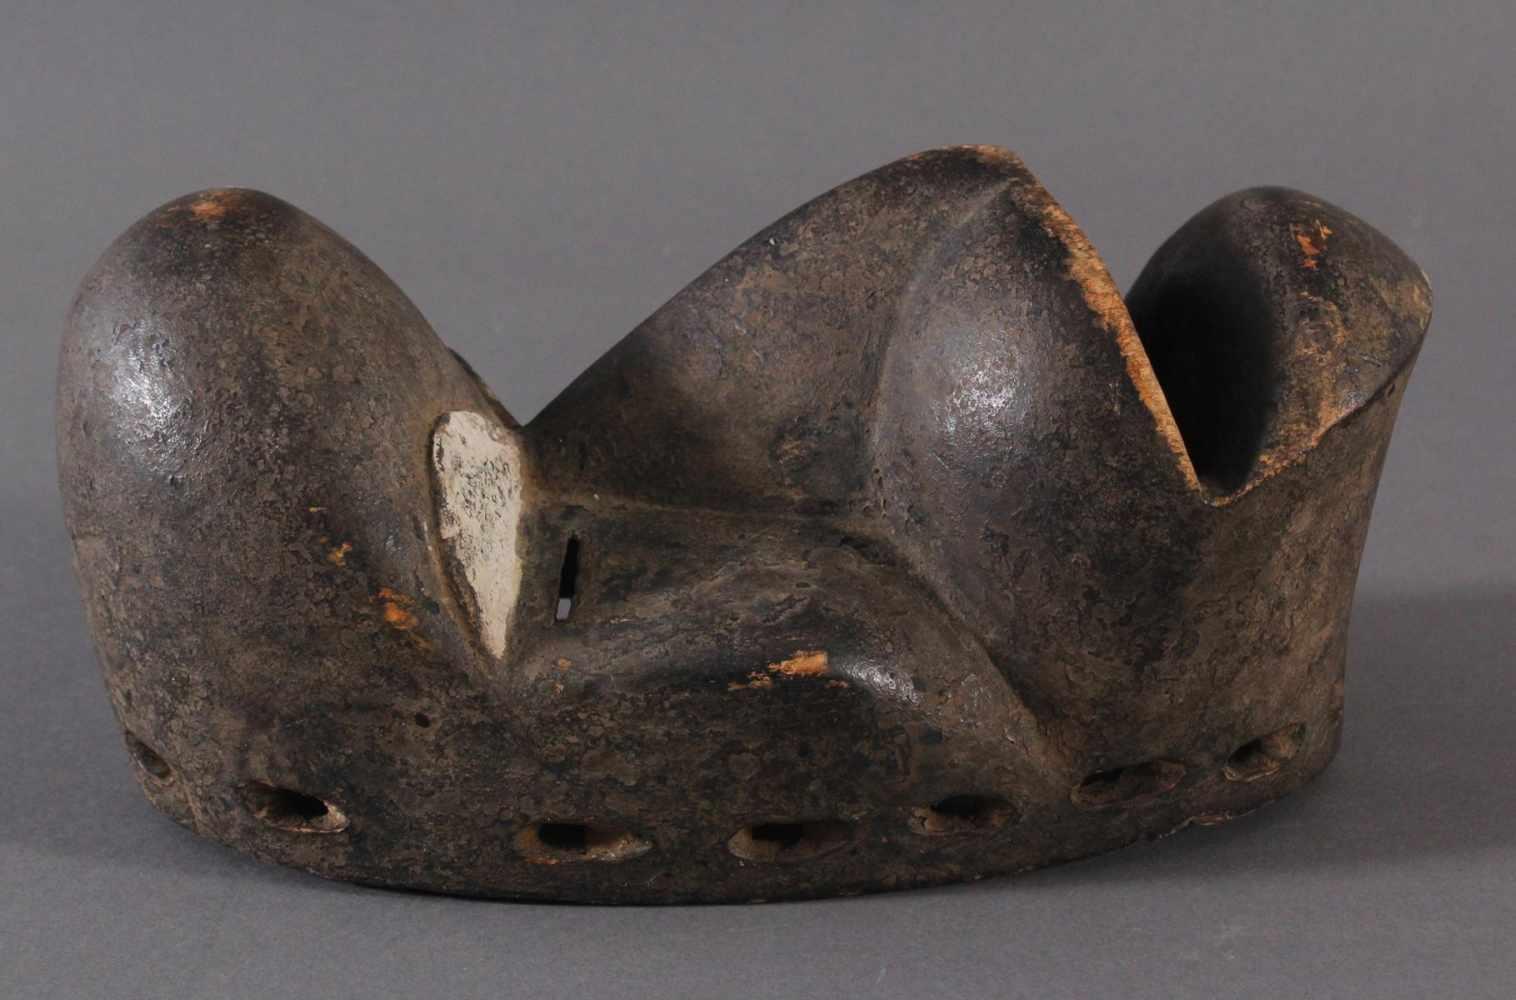 Antike Maske der Dan, Kran, Elfenbeinküste 1. Hälfte 20. Jh.Holz geschnitzt, dunkle Patina, weiße - Bild 2 aus 4